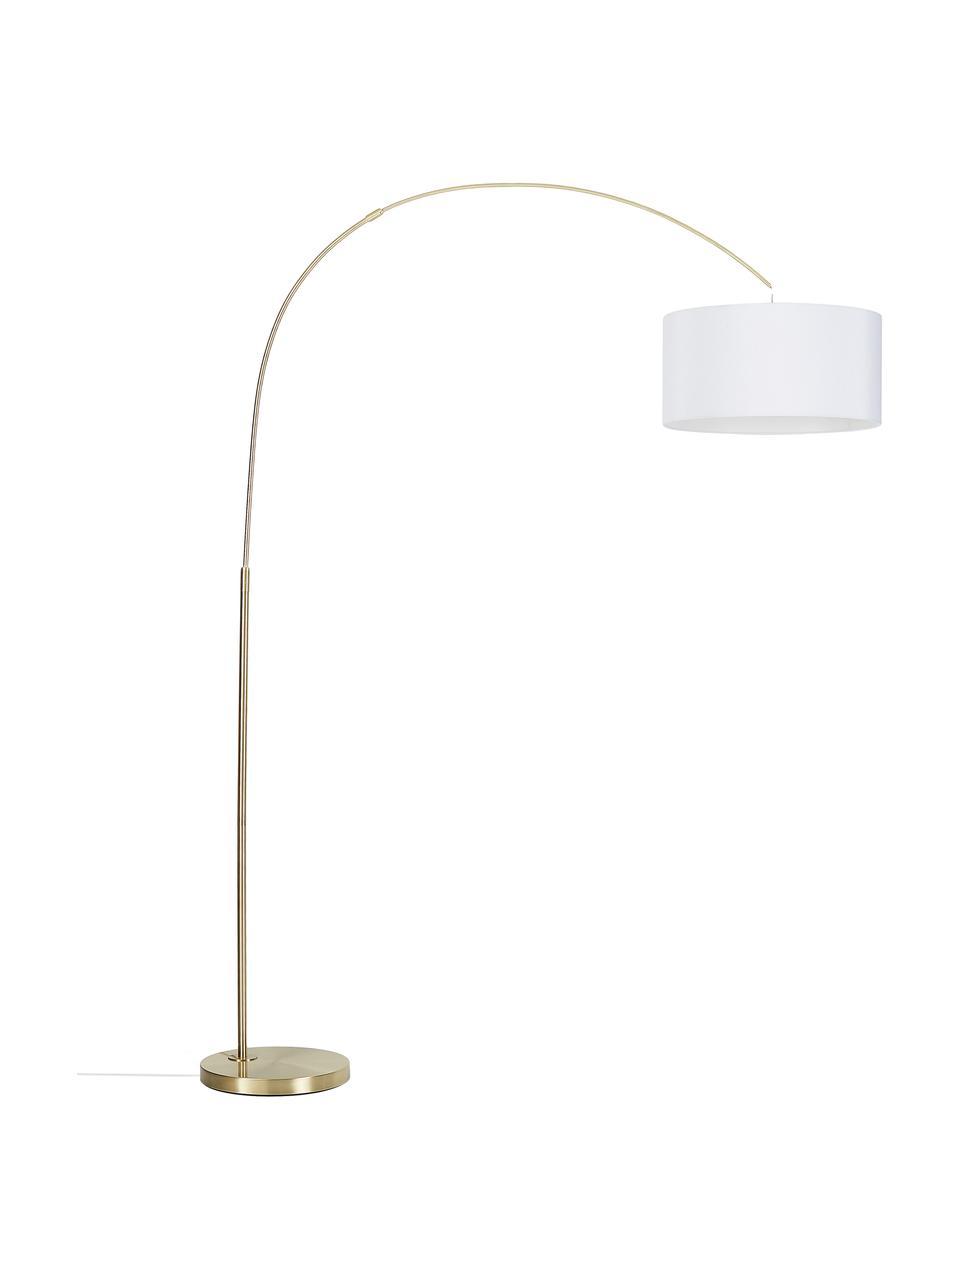 Lampa podłogowa w kształcie łuku Niels, Biały, odcienie mosiądzu, transparentny, S 157 x W 218 cm